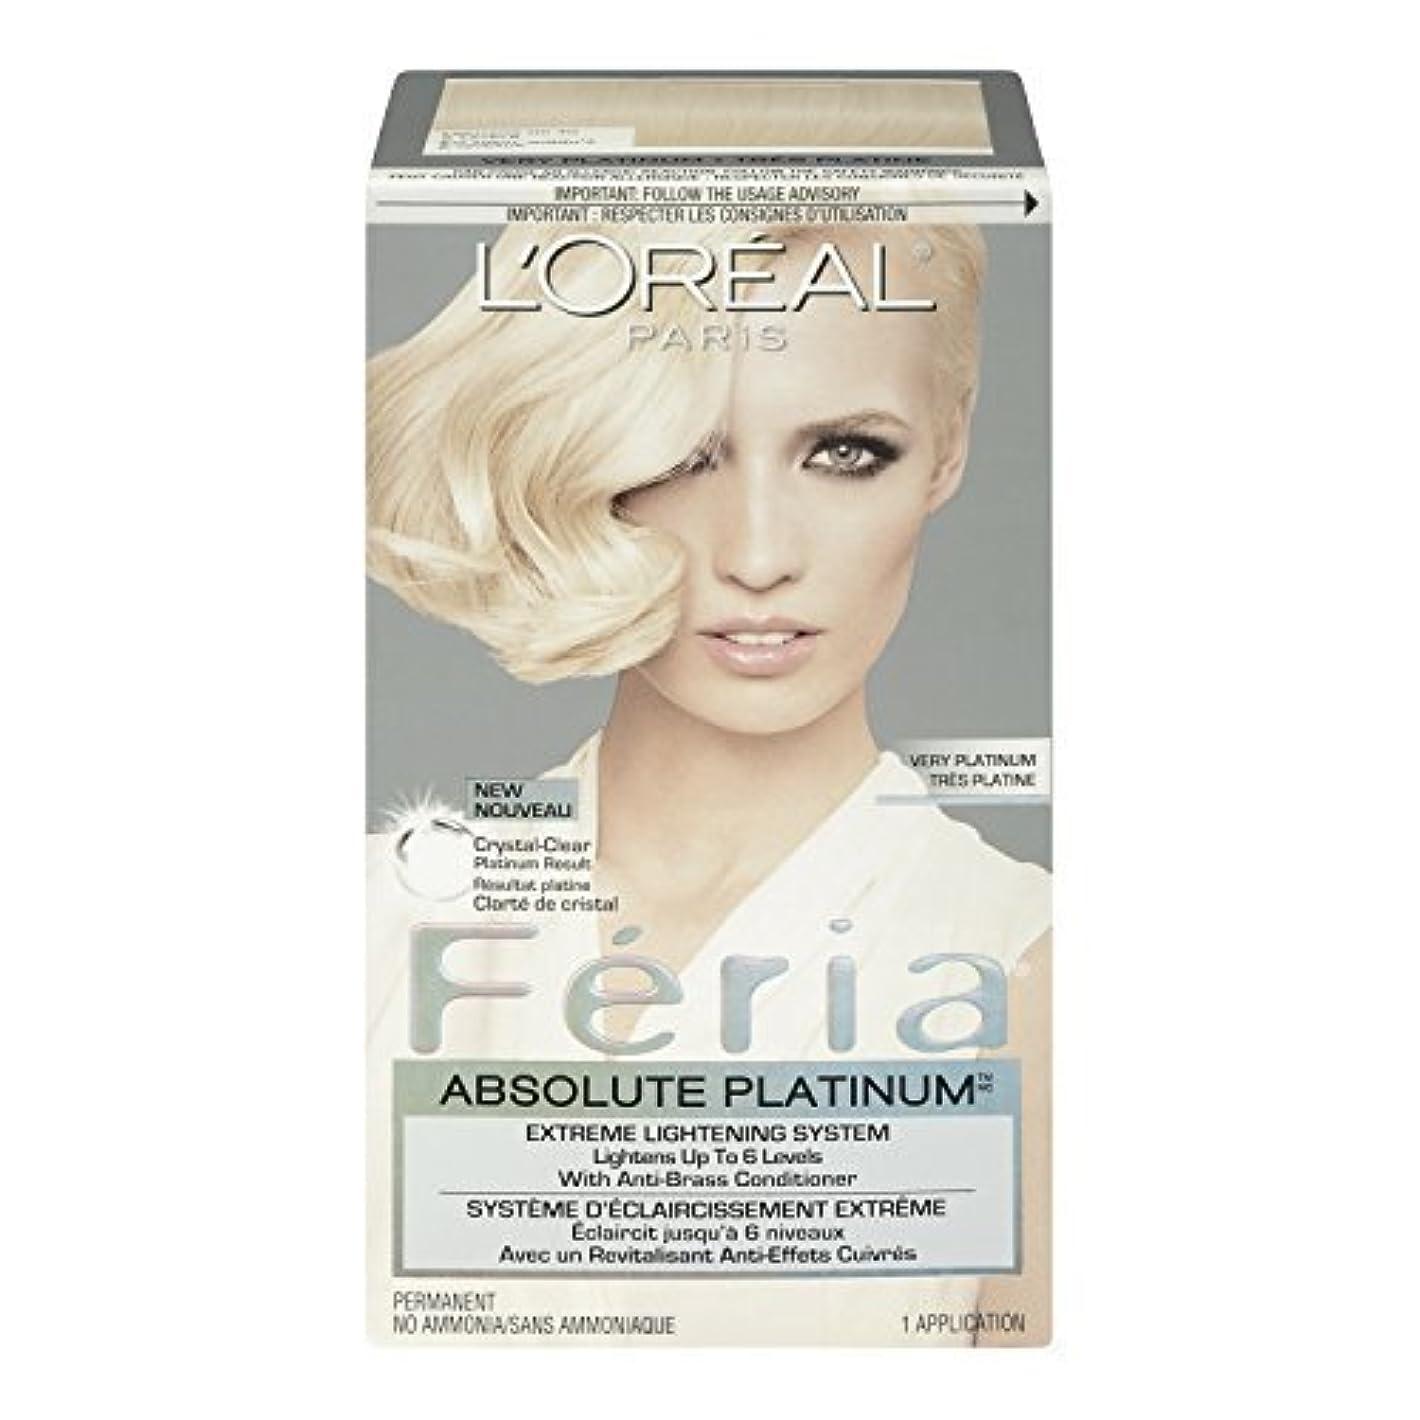 さらに海岸容疑者L'Oreal Feria Absolute Platinums Hair Color, Very Platinum by L'Oreal Paris Hair Color [並行輸入品]